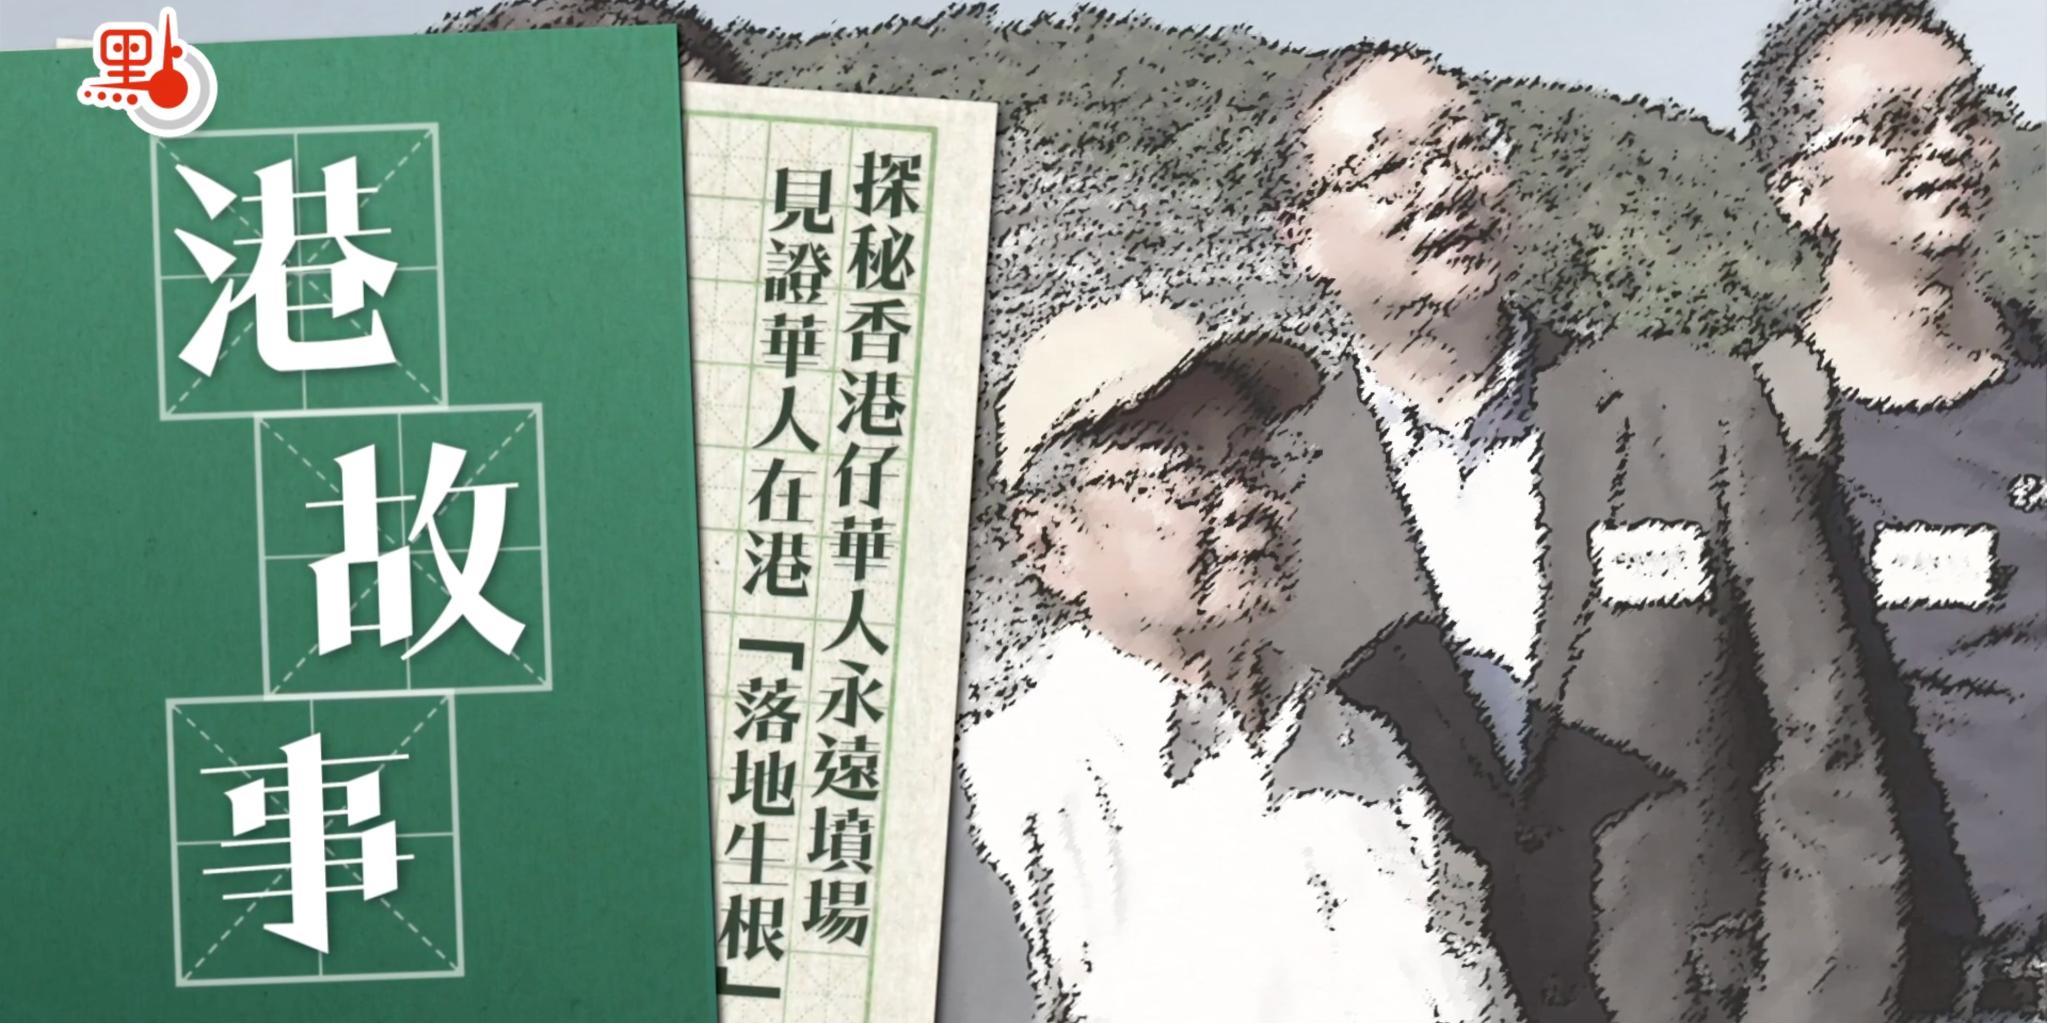 探秘|香港仔華人永遠墳場 見證華人在港「落地生根」